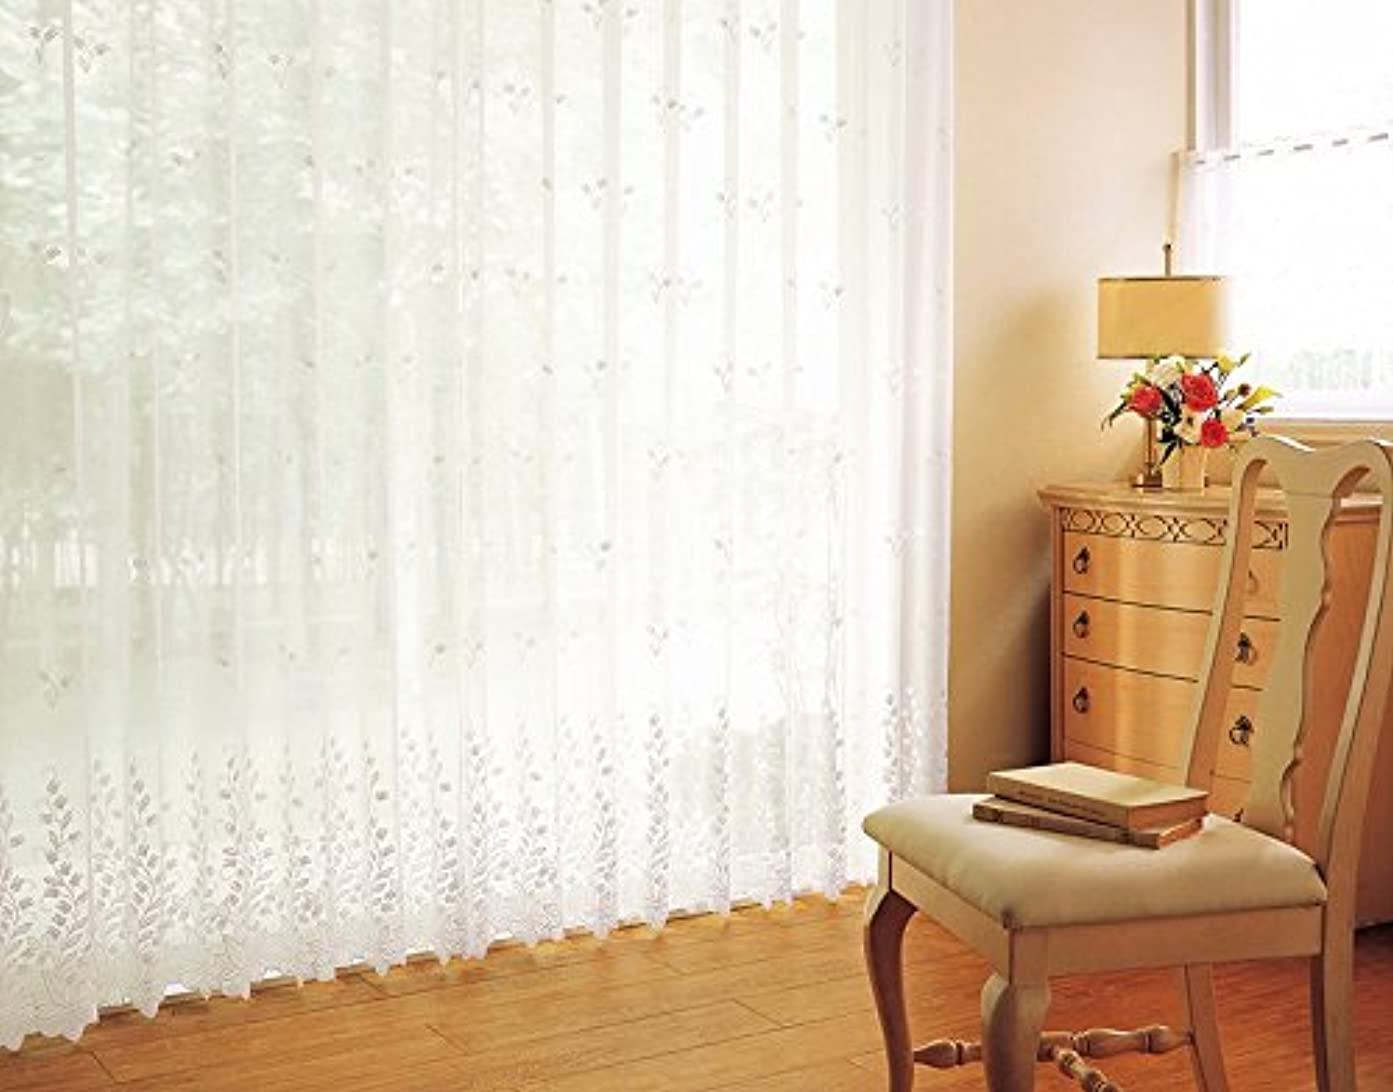 罪人ステープルパンサー東リ 高級感を漂わせる刺繍 フラットカーテン1.3倍ヒダ KSA60405 幅:100cm ×丈:220cm (2枚組)オーダーカーテン